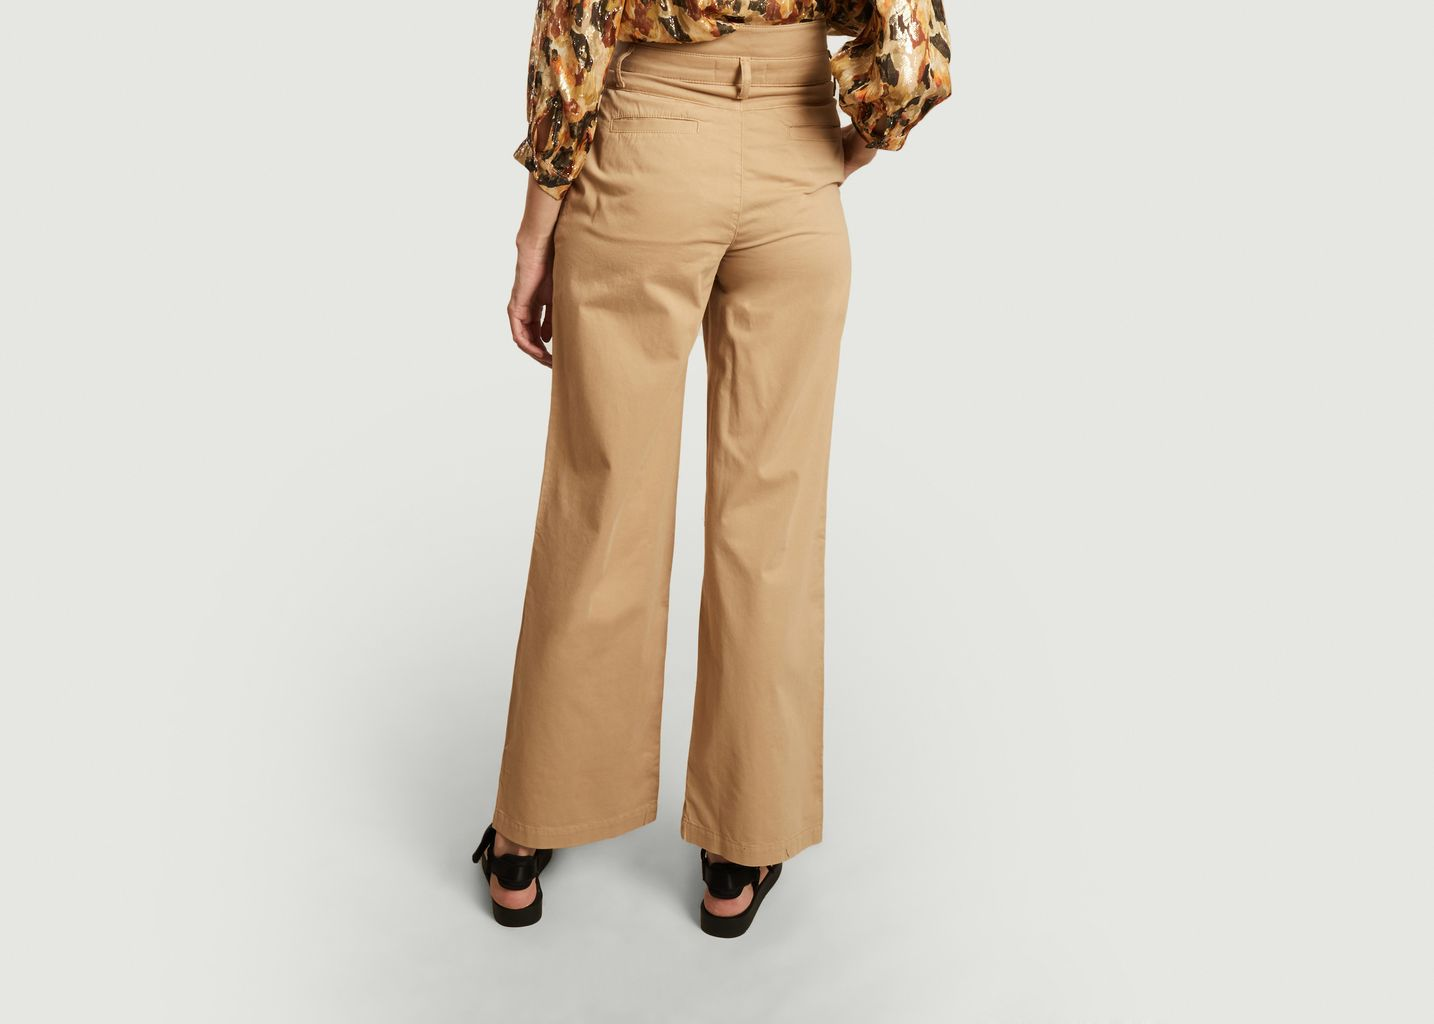 Pantalon ample Boy - Ba&sh